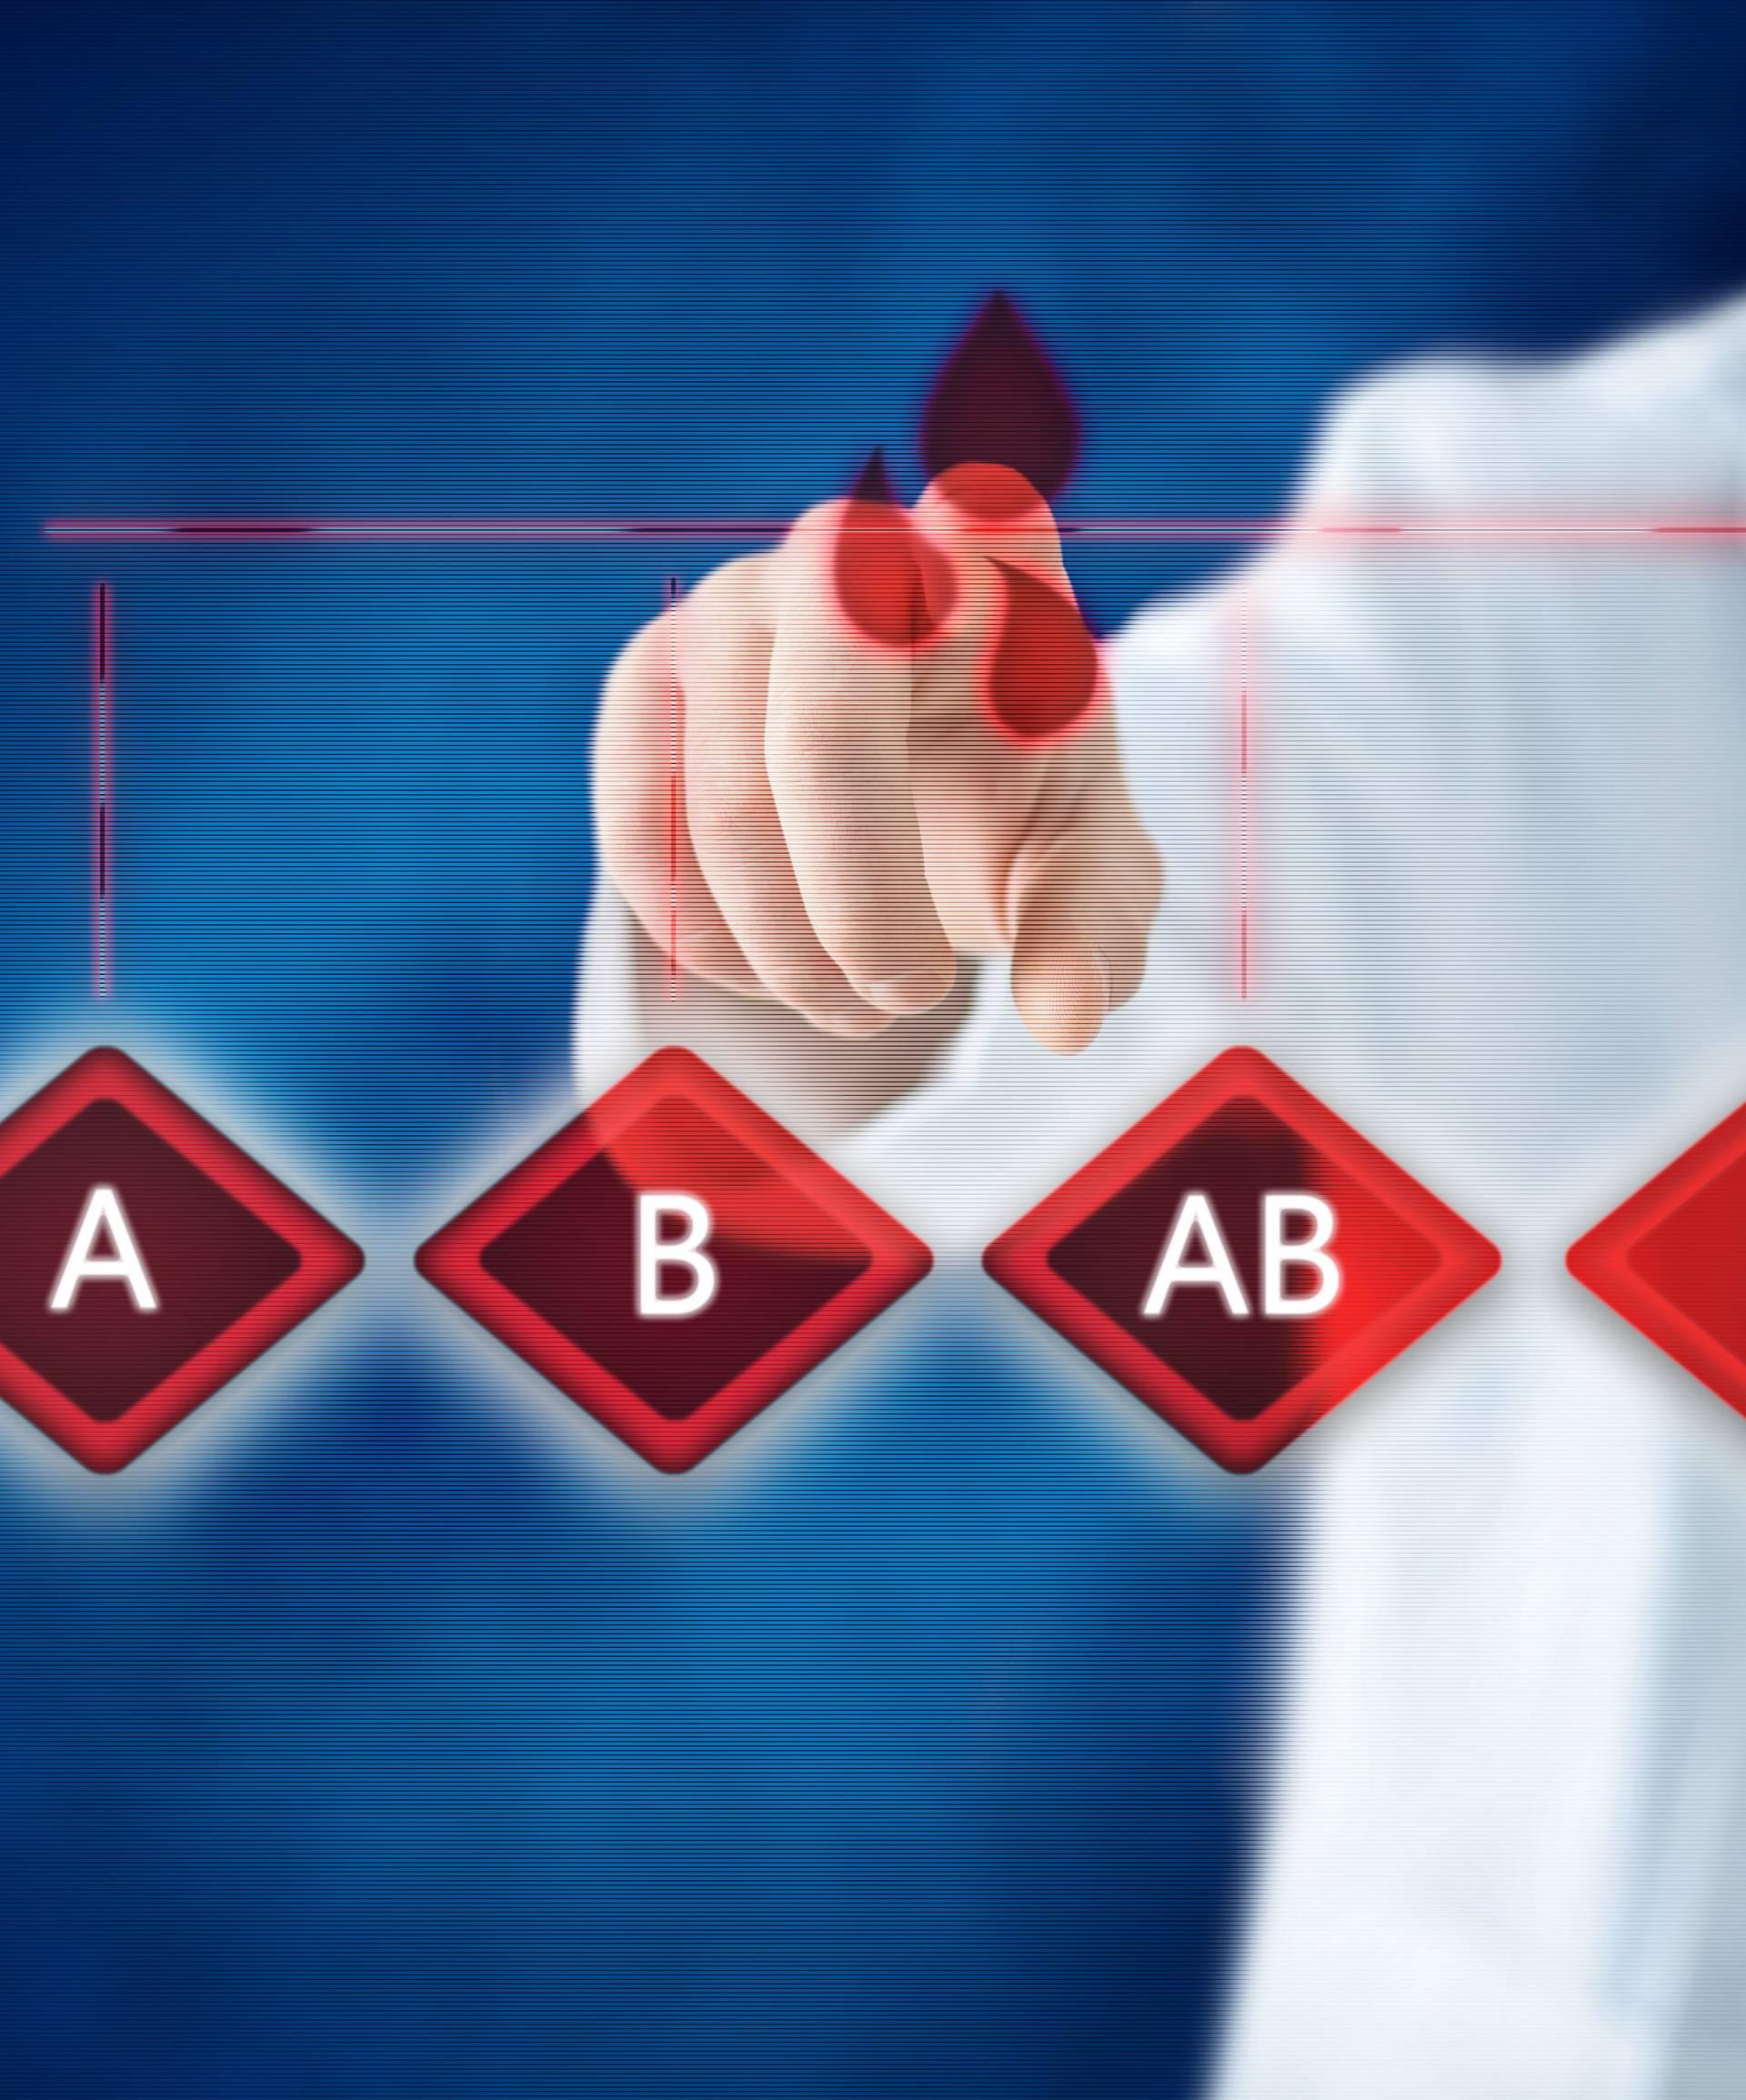 Ljudi s ovom krvnom grupom češće umiru nakon teže ozljede